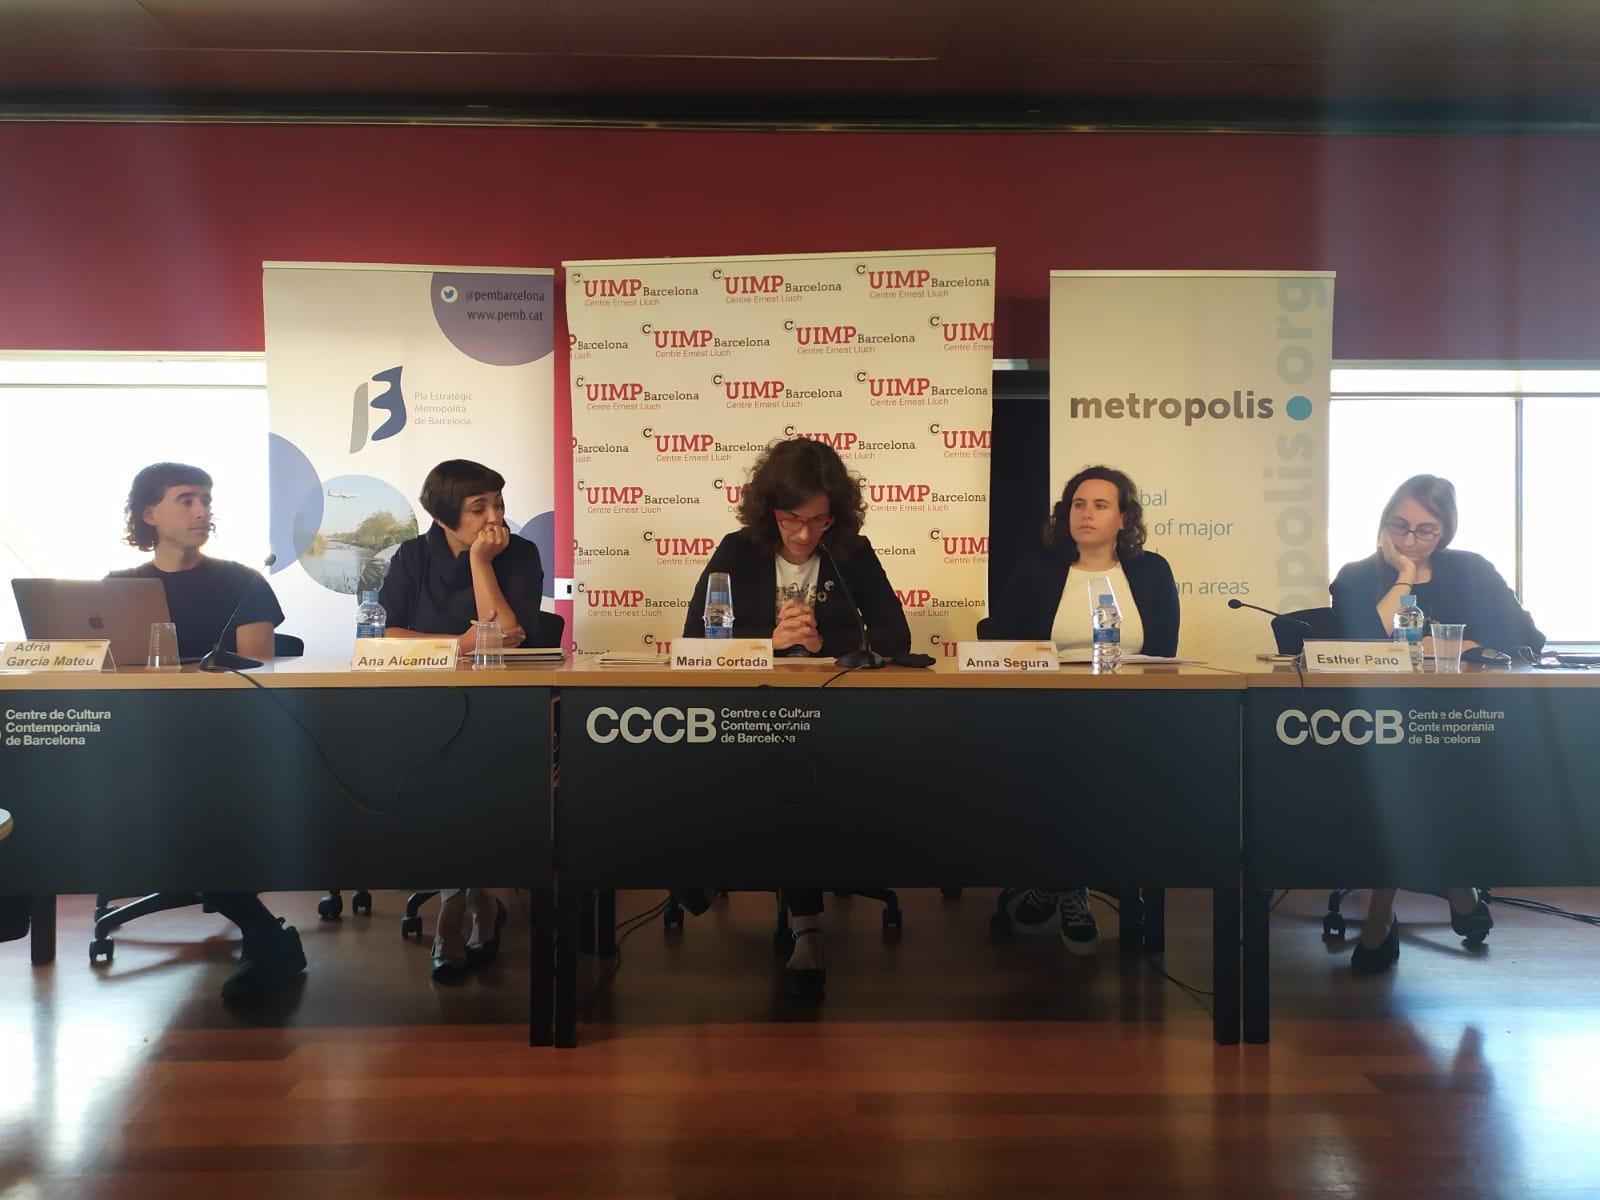 Taula rodona 'Noves tendències en les polítiques públiques', moderada per Maria Cortada, del PEMB